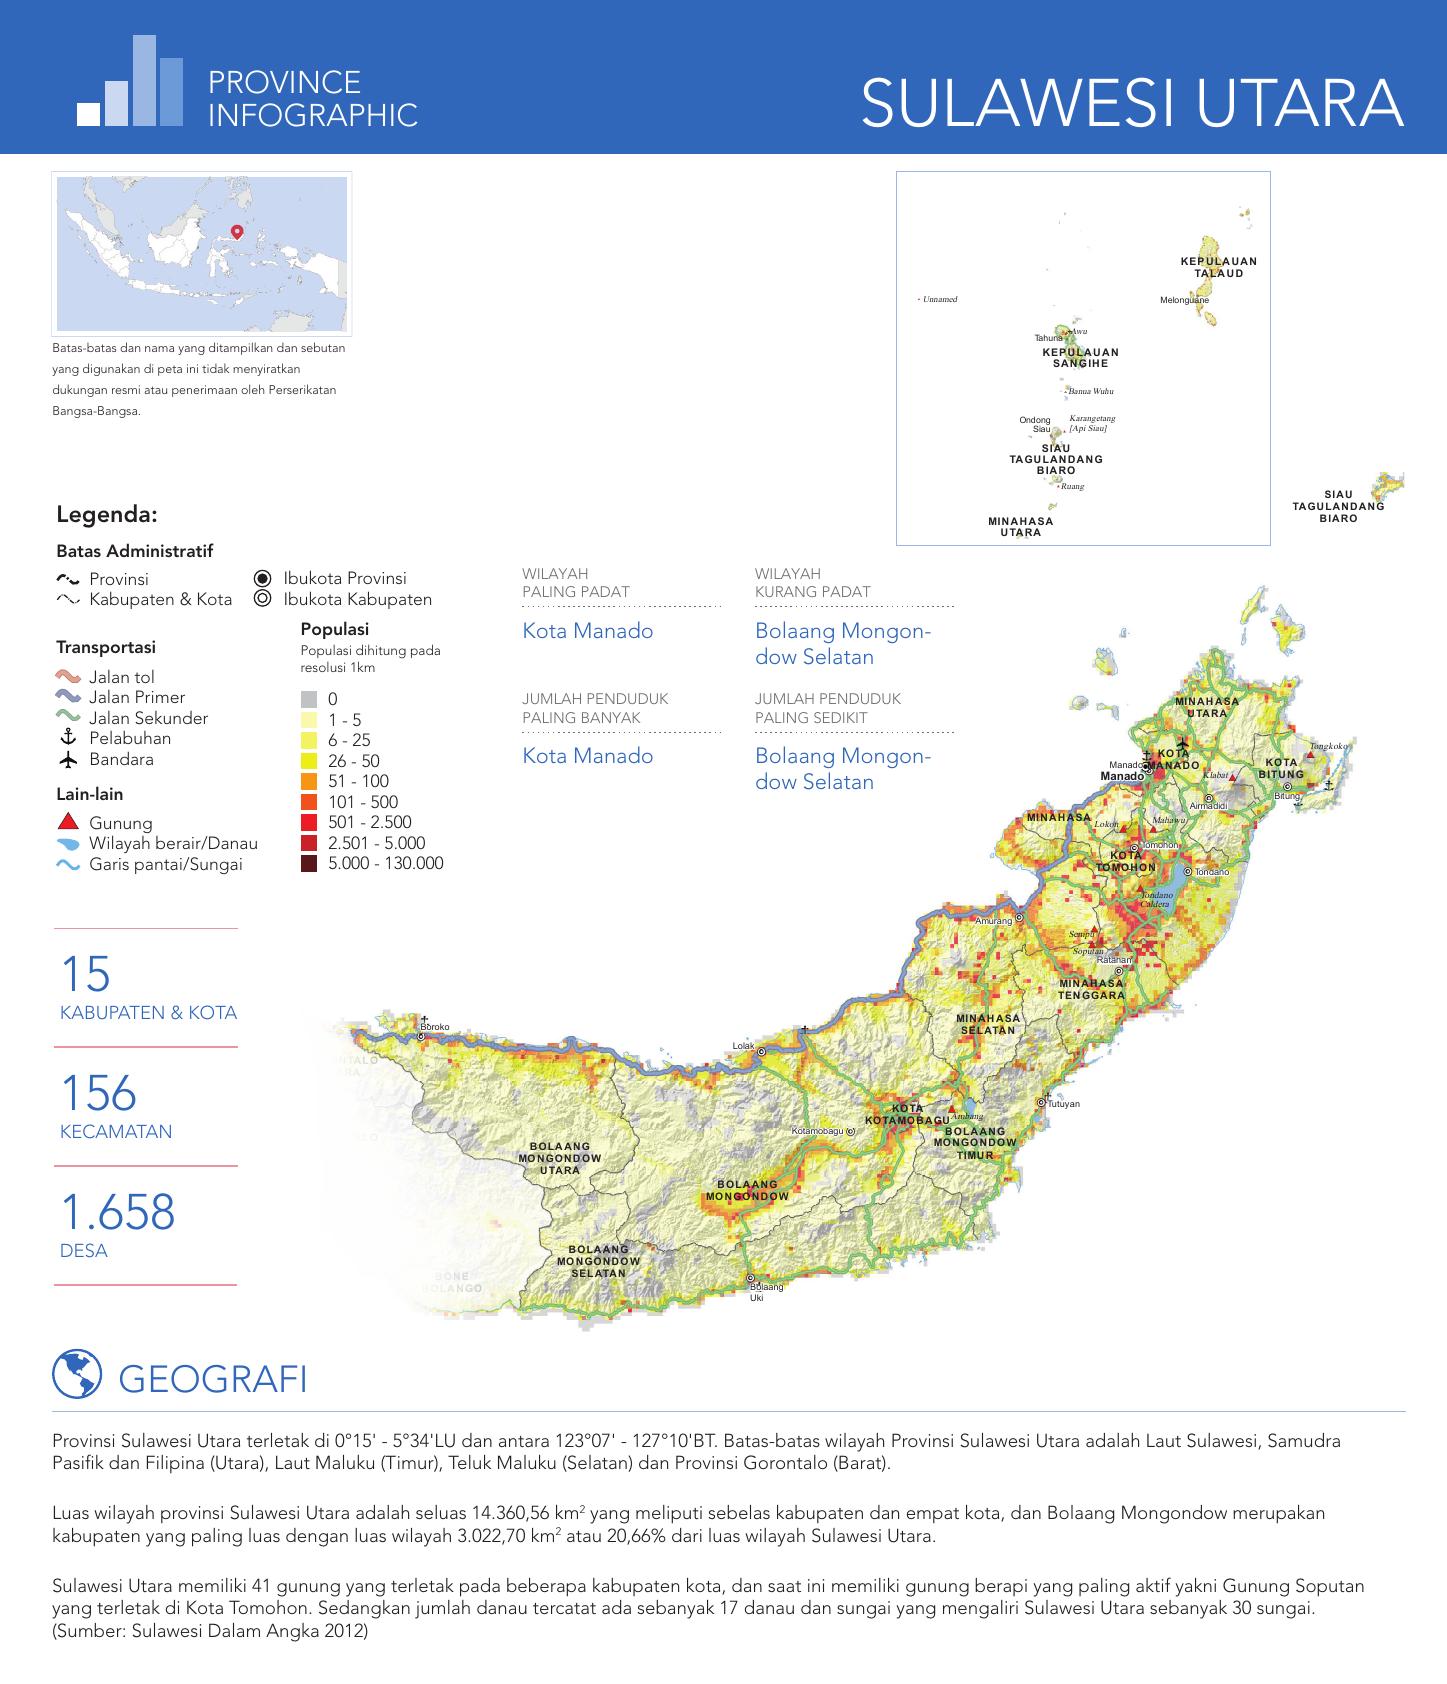 Sulawesi Utara Humanitarianresponse